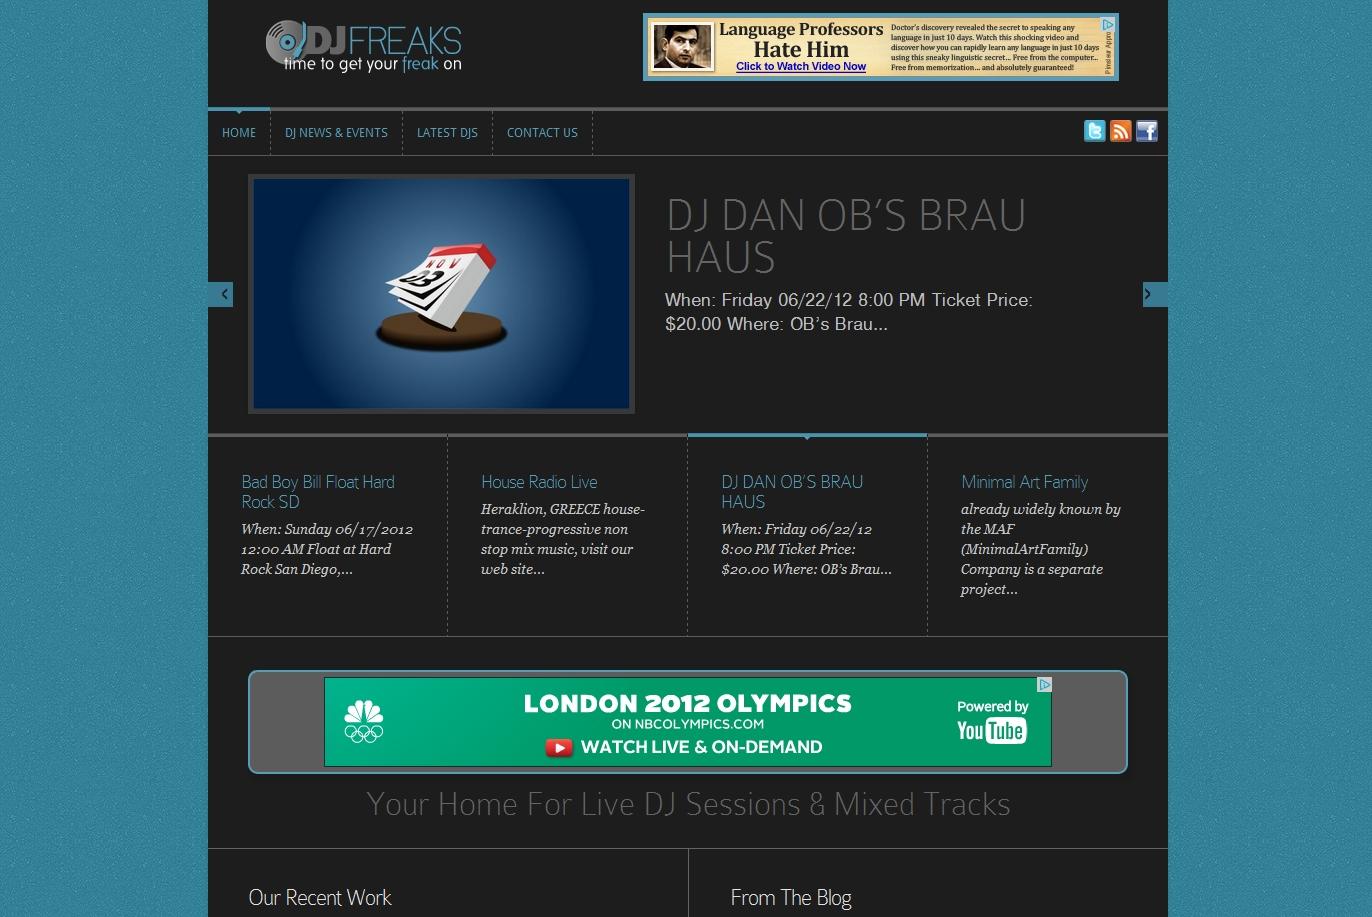 DJFreaks.com